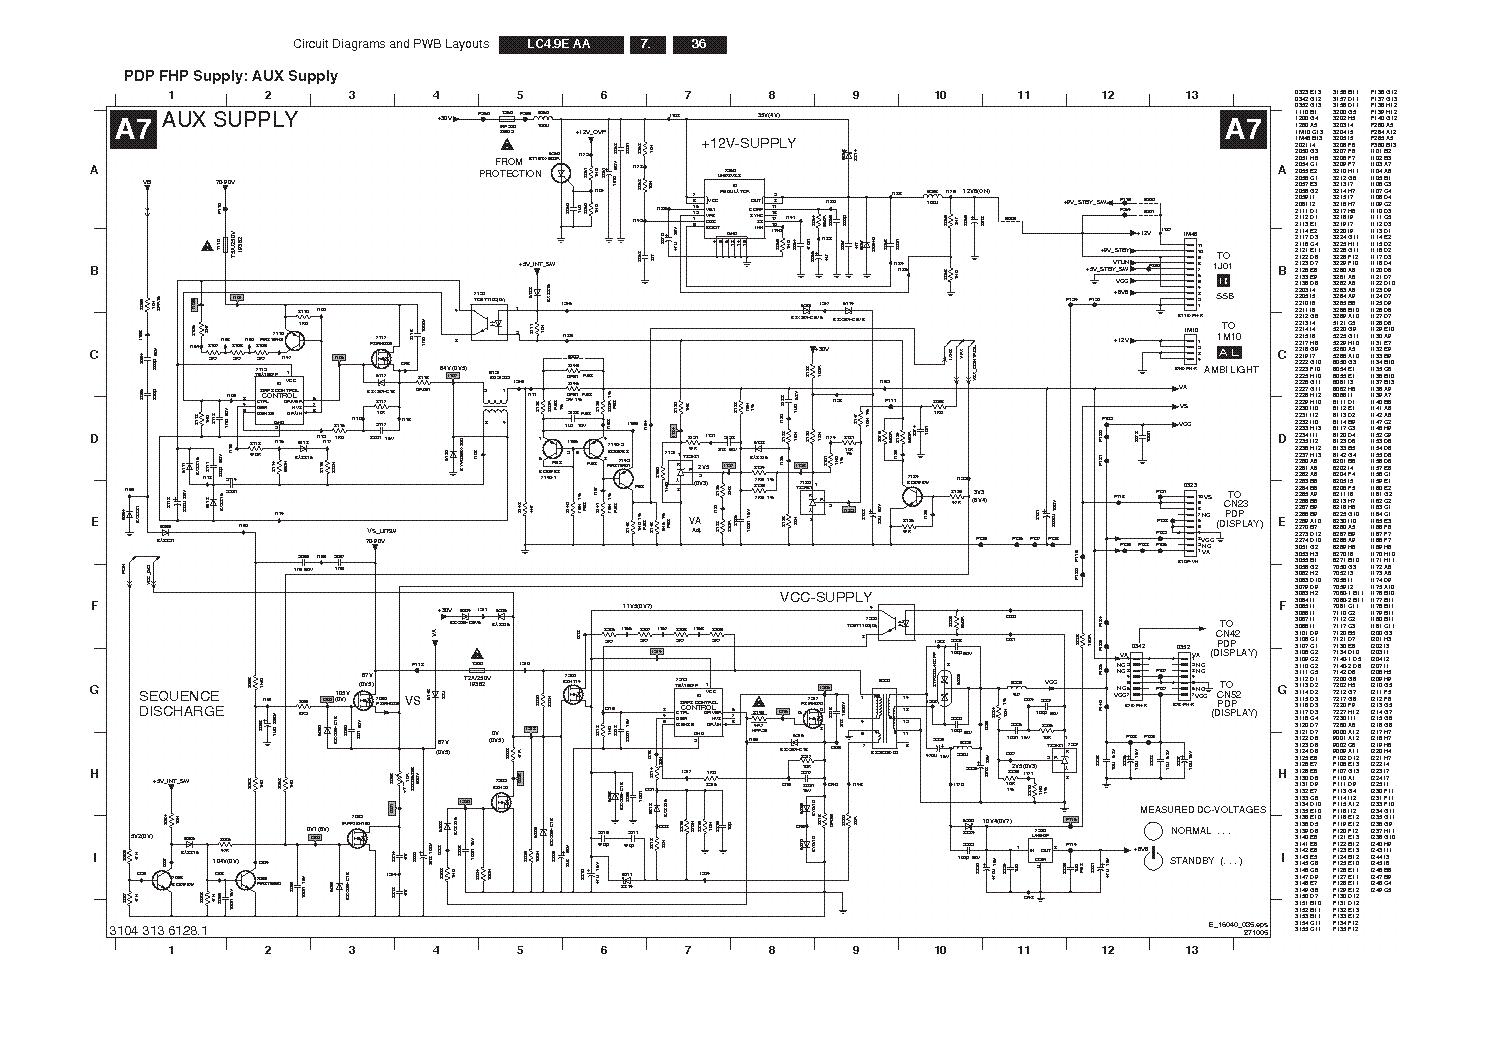 philips epiq 5 service manual